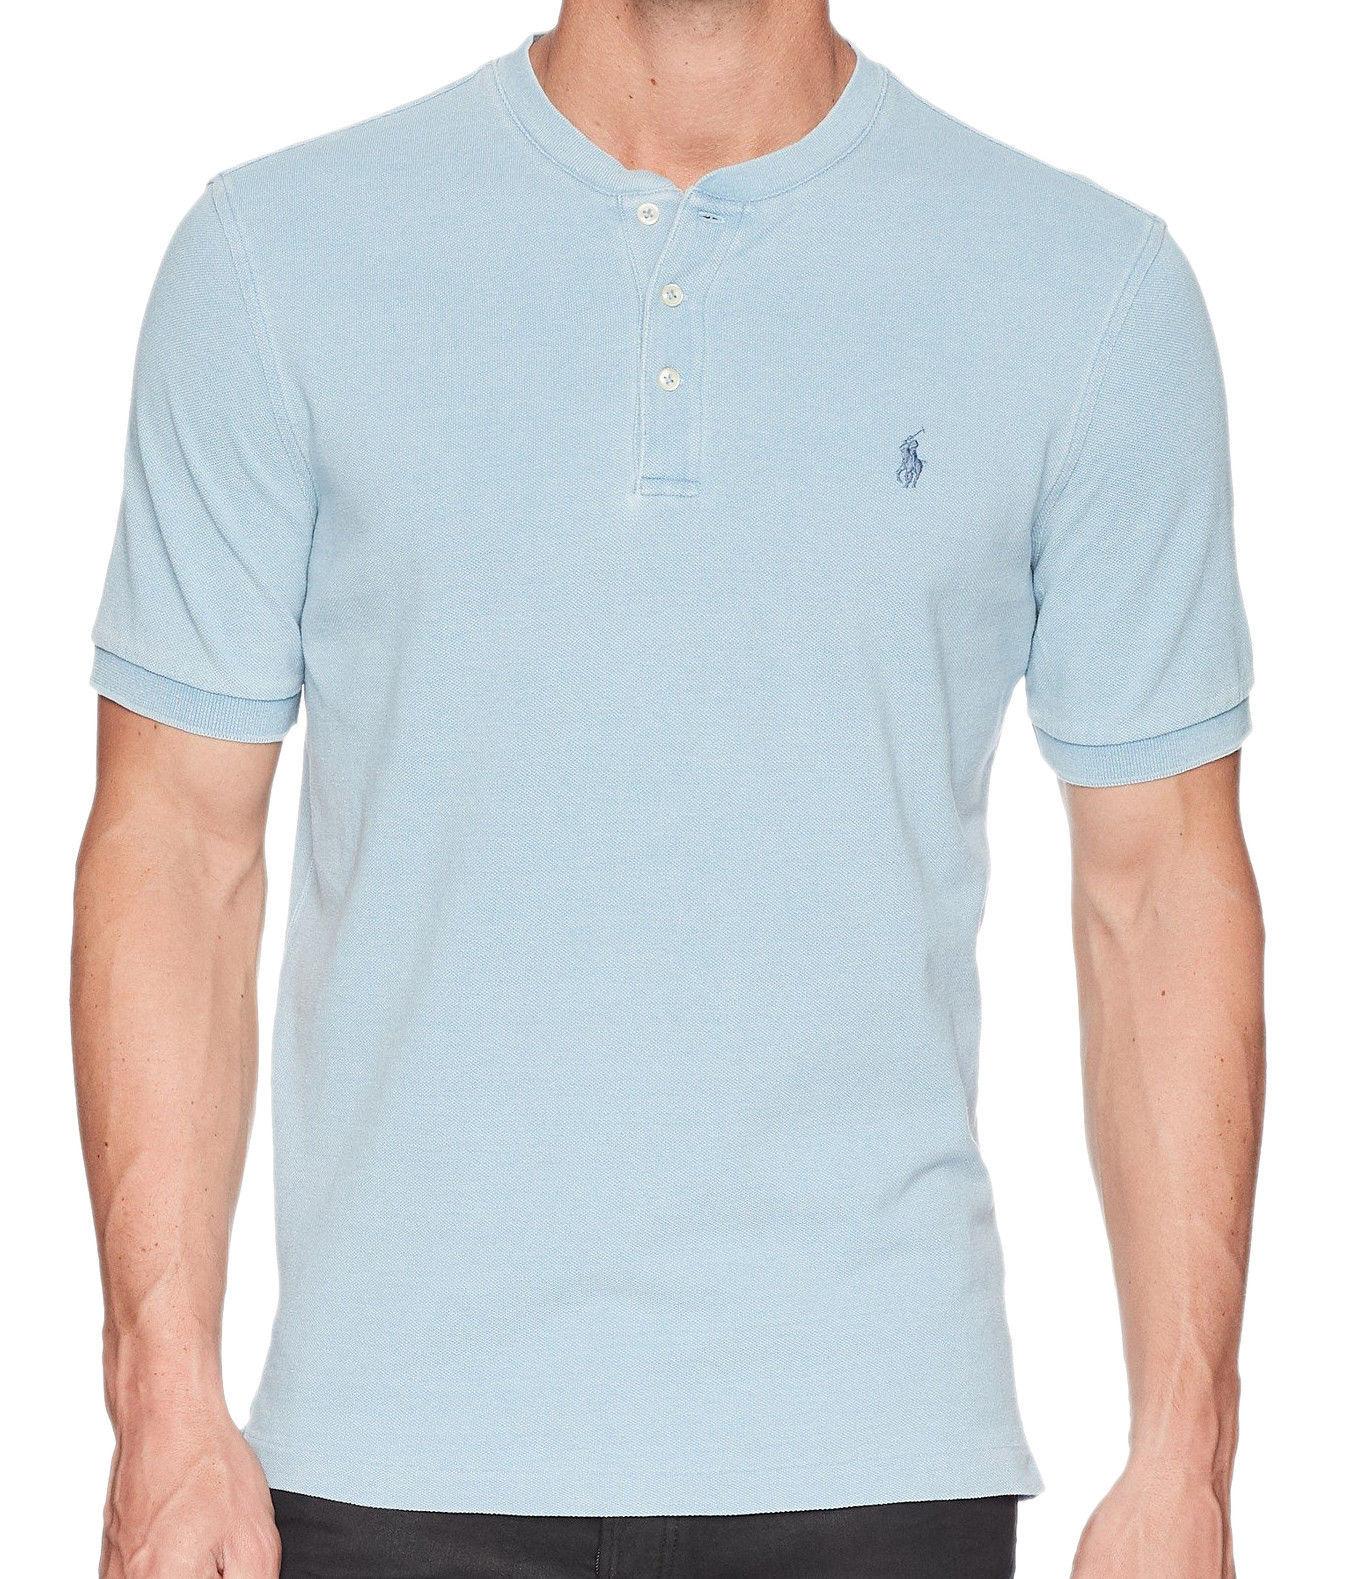 New 2XLT 2XL TALL POLO RALPH LAUREN Mens mesh polo shirt turquoise blue top 2XT